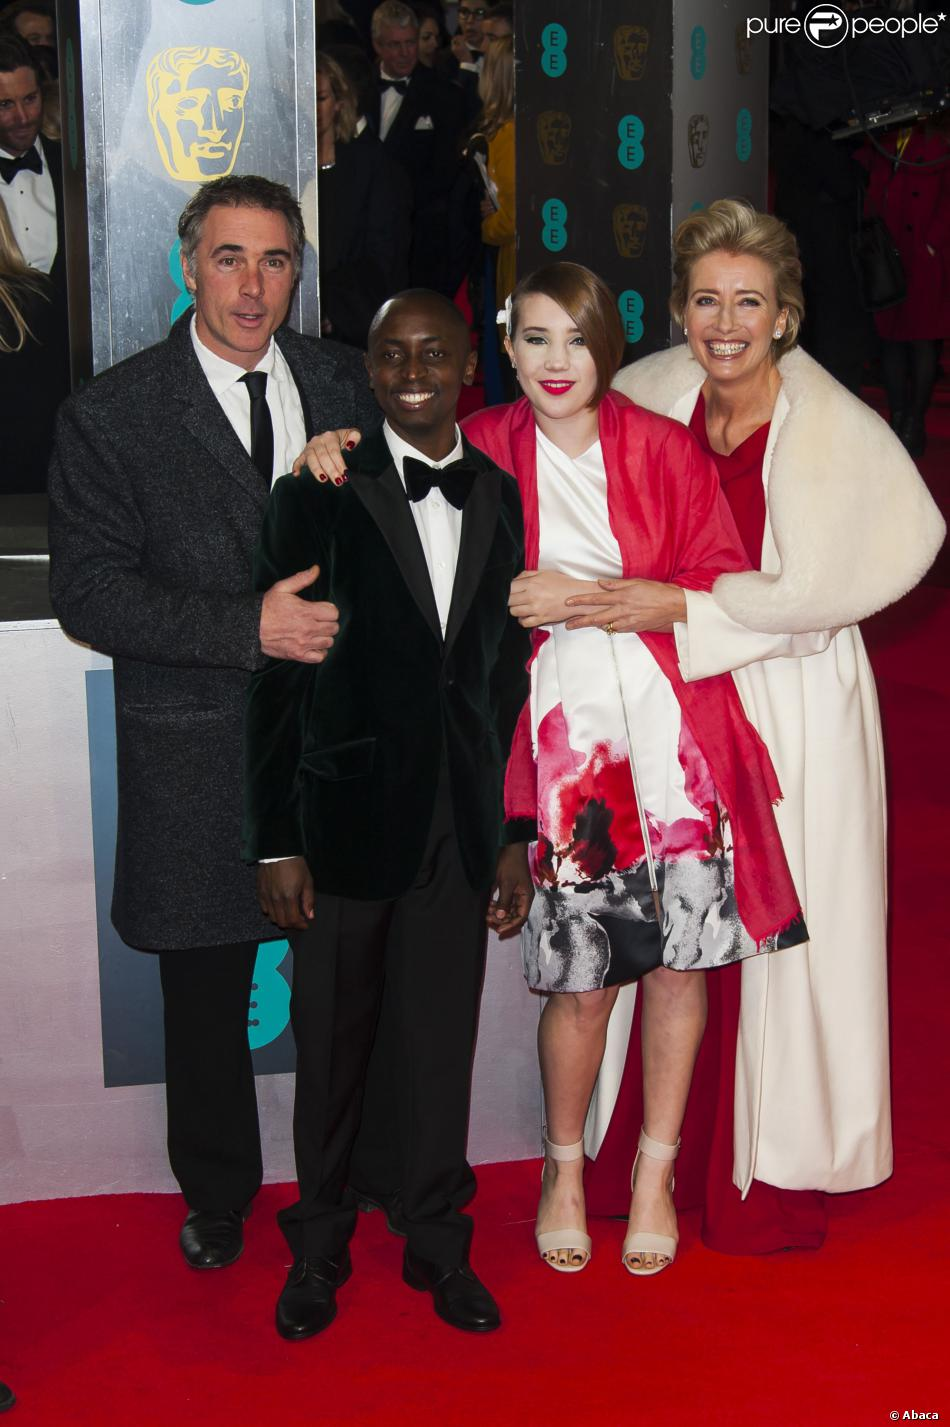 Emma Thompson avec son mari Greg Wise, leur fille Gaia et leur fils adoptif Tindy lors de la cérémonie des BAFTA Awards à Londres le 16 février 2014